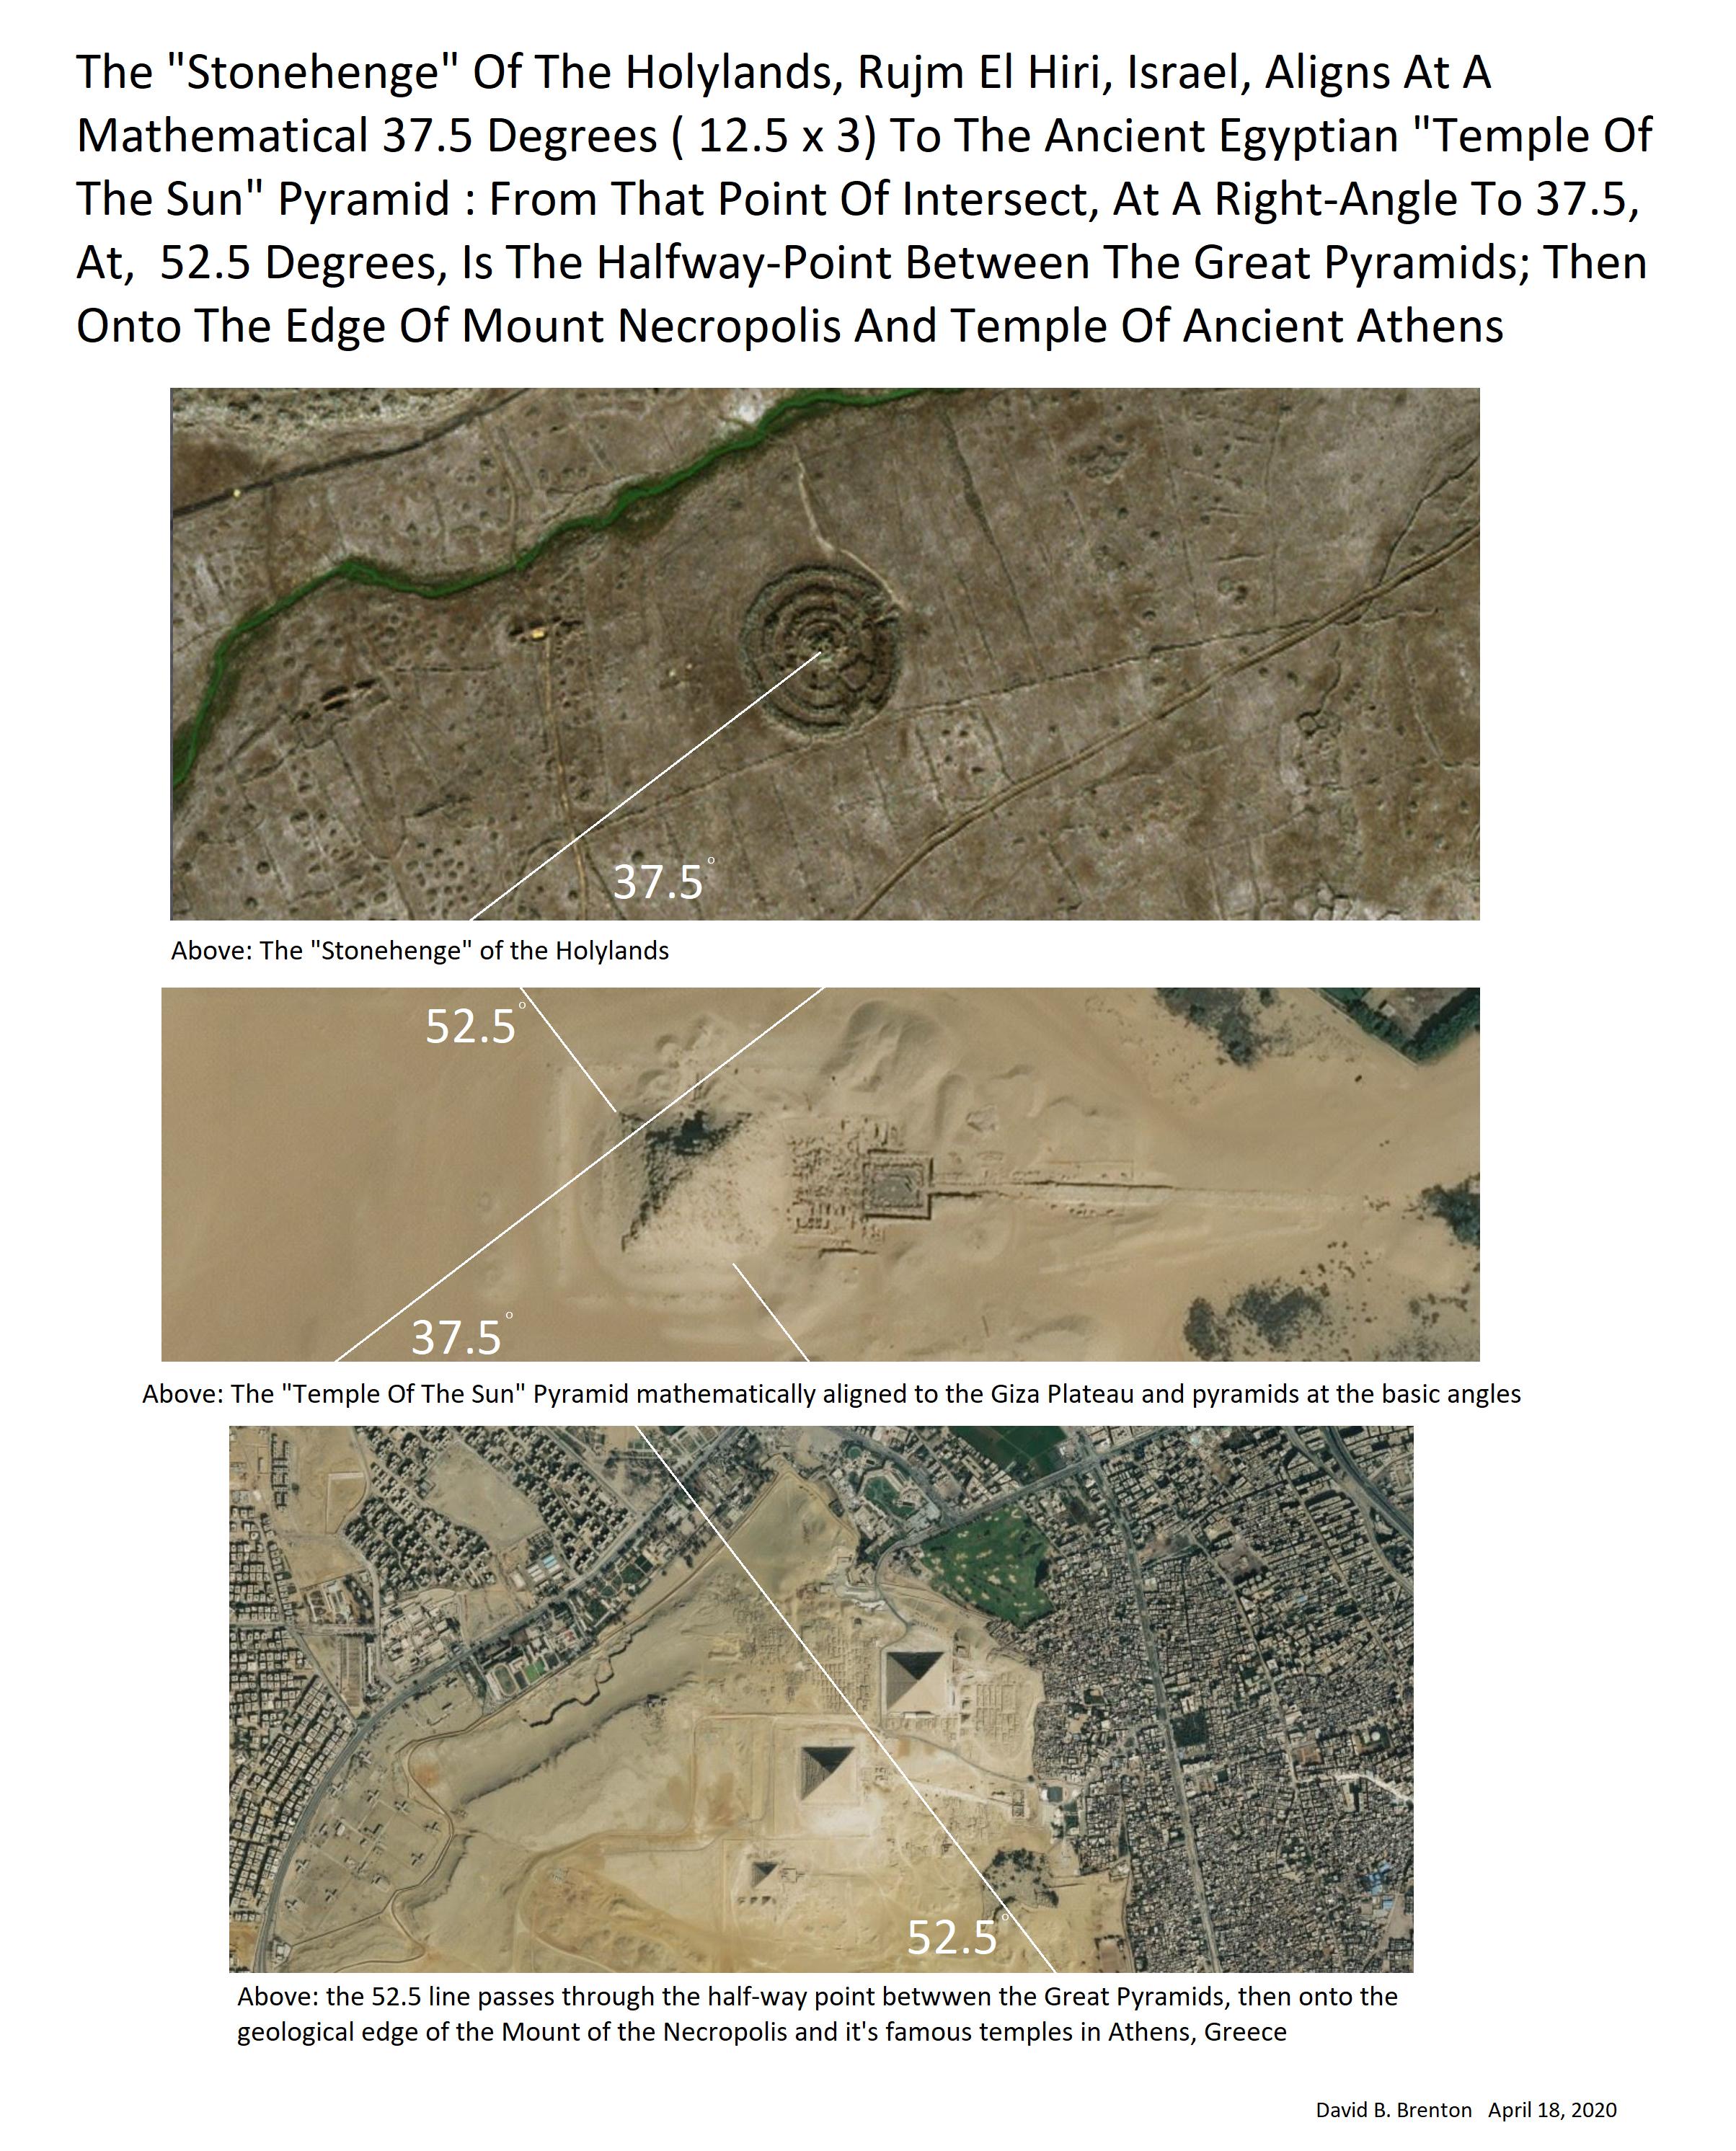 Holylands stonehenge to Egypt 2